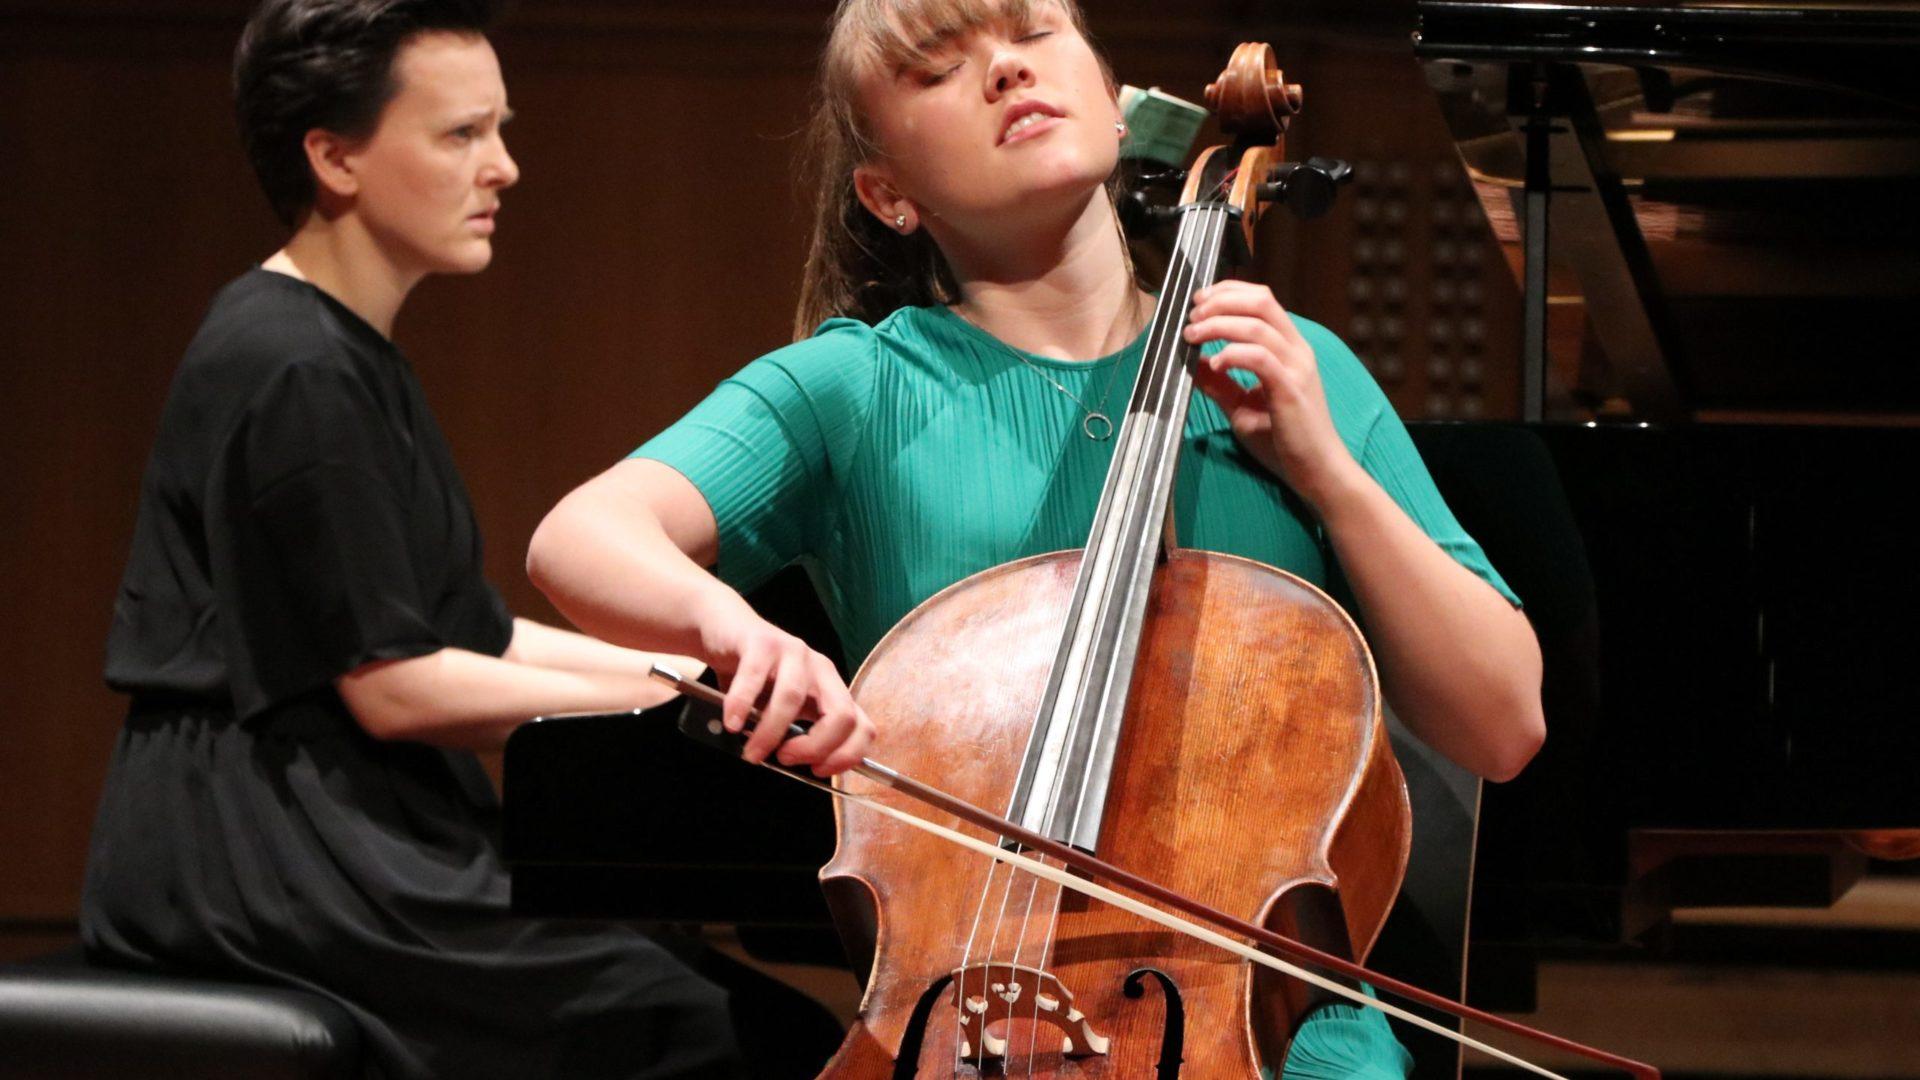 Få oversikt over konkurranser for unge musikere innen klassisk musikk